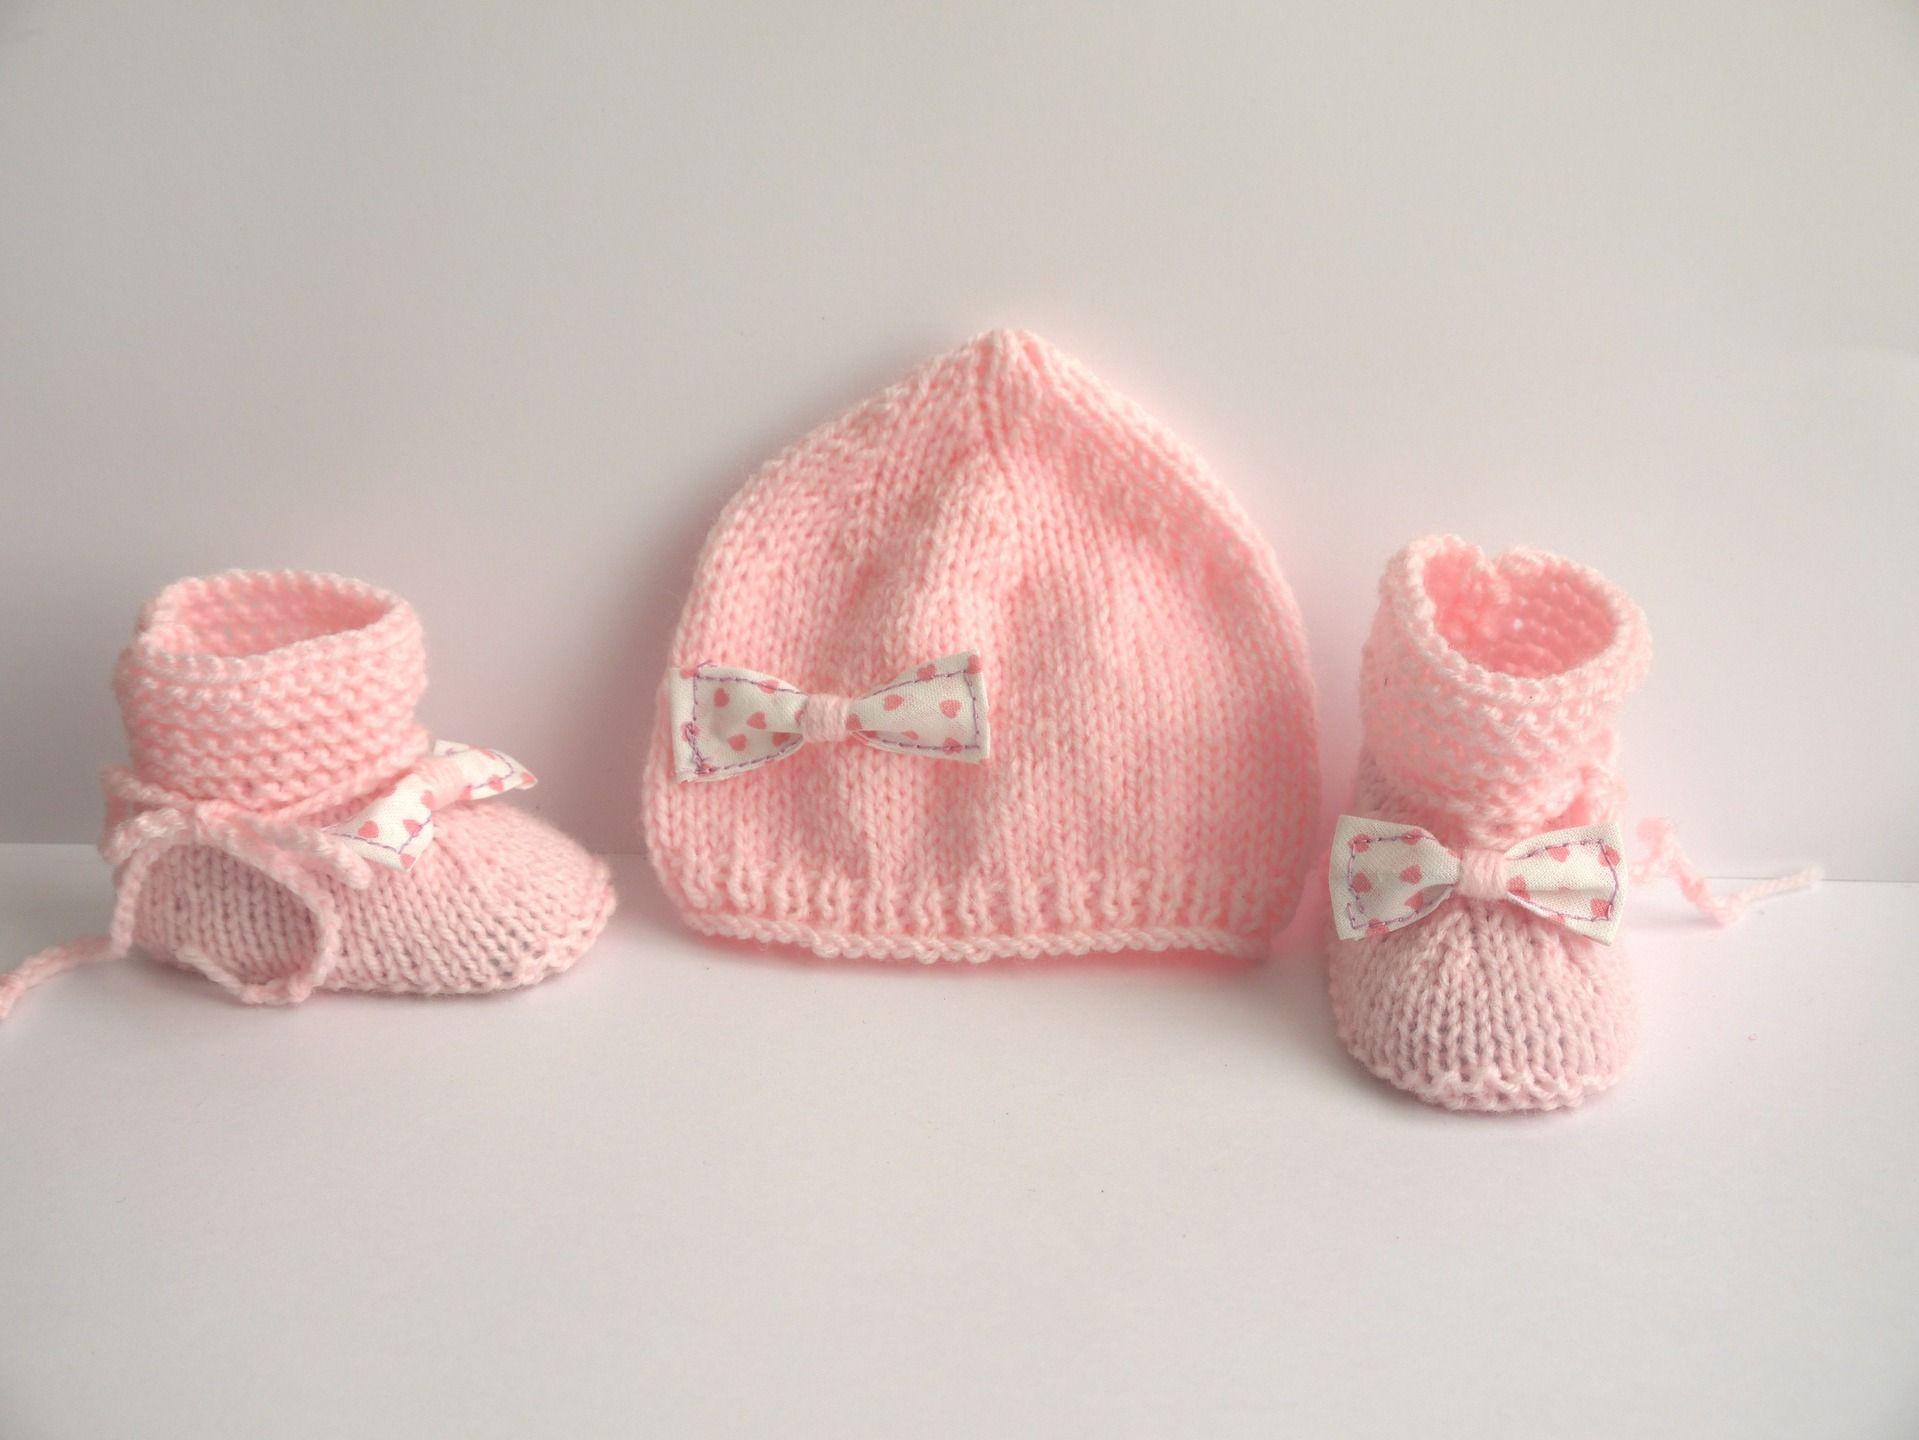 Nouveau-né bébé garçon//fille chapeau blanc rose bleu tricot bébés cap 0-3 mois